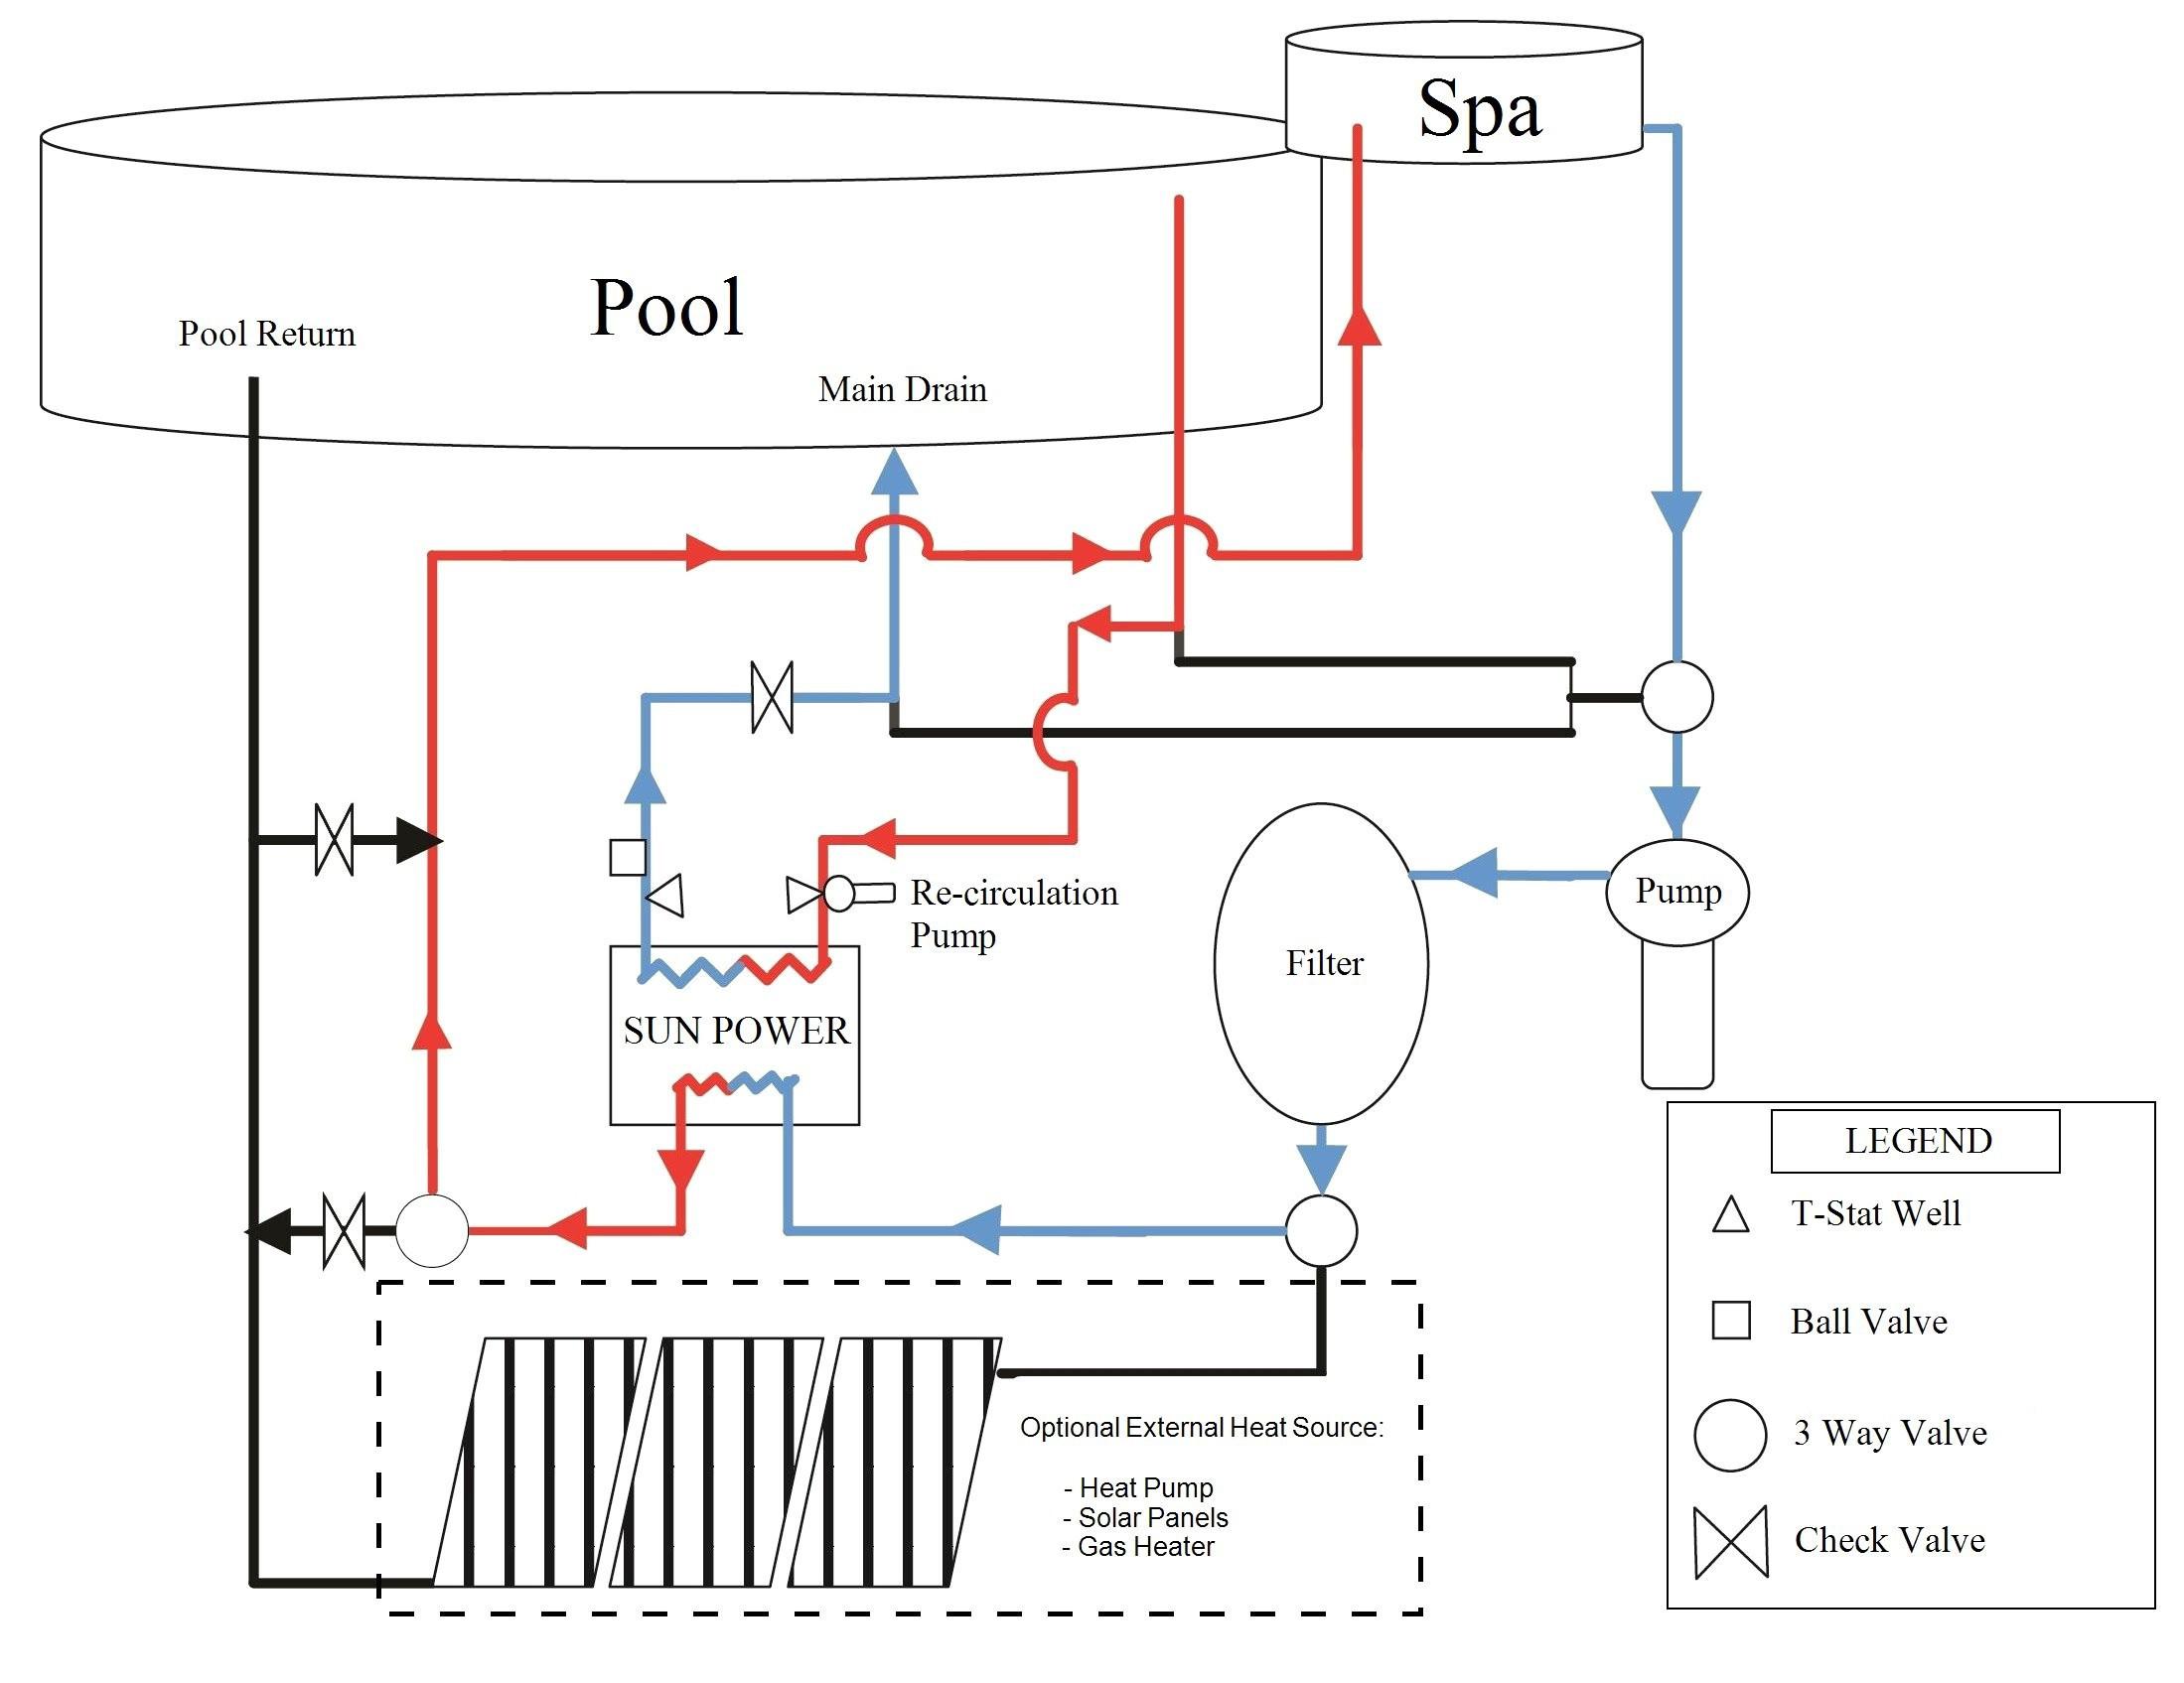 Hayward Super Pump Wiring Diagram | Wiring Diagram - Hayward Super Pump Wiring Diagram 230V